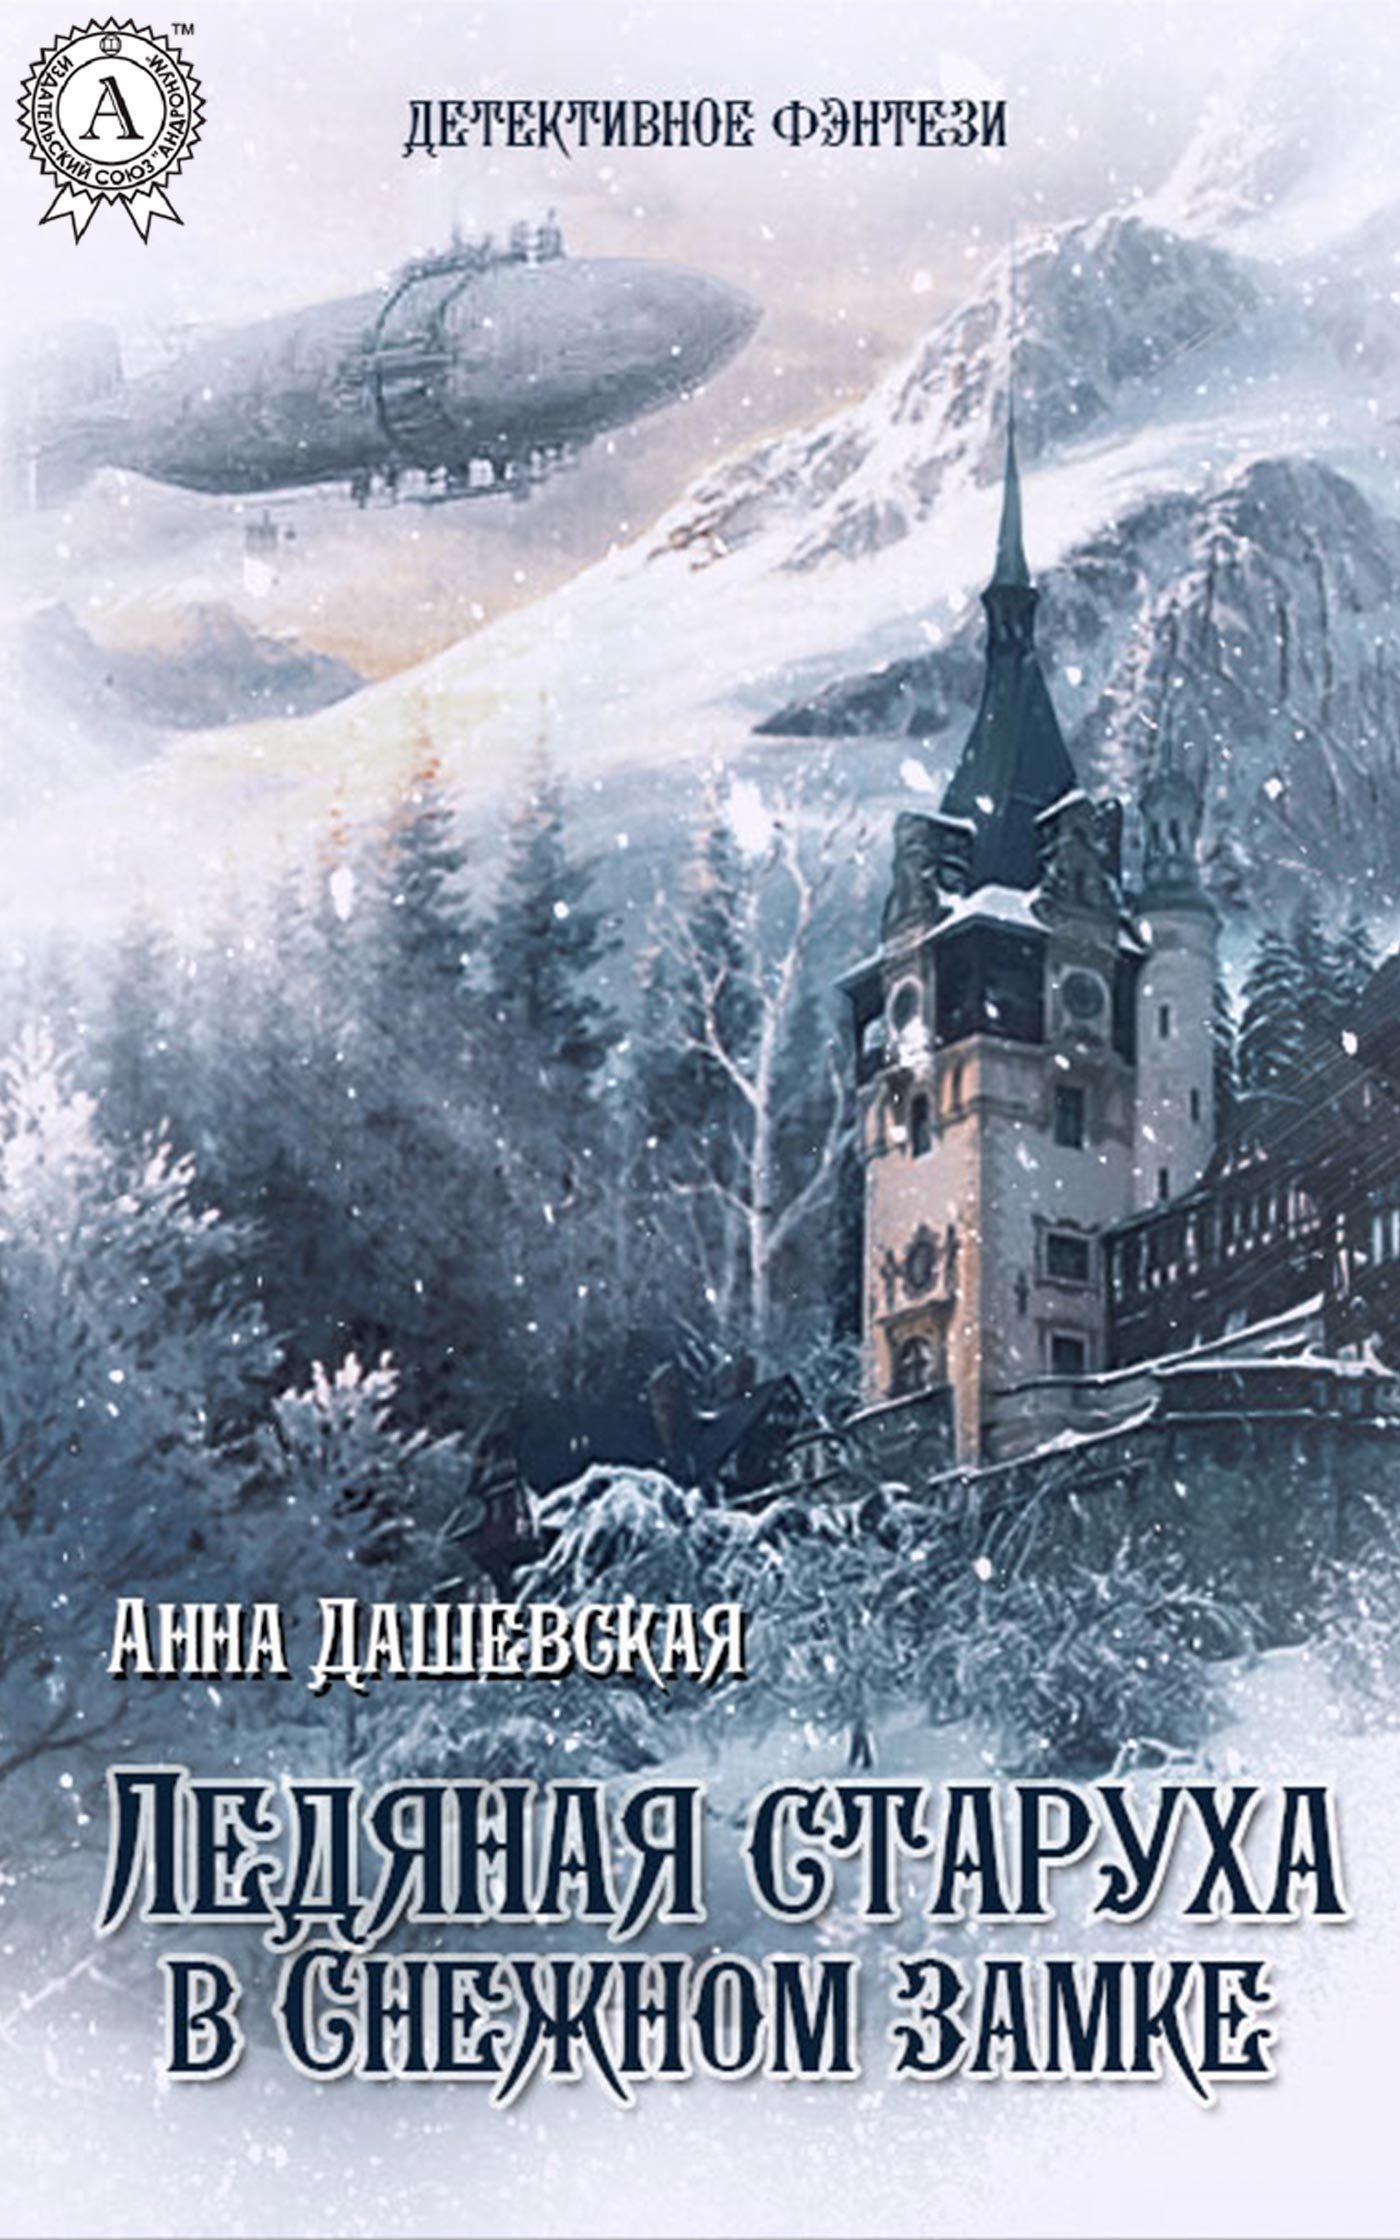 Ледяная старуха в Снежном замке